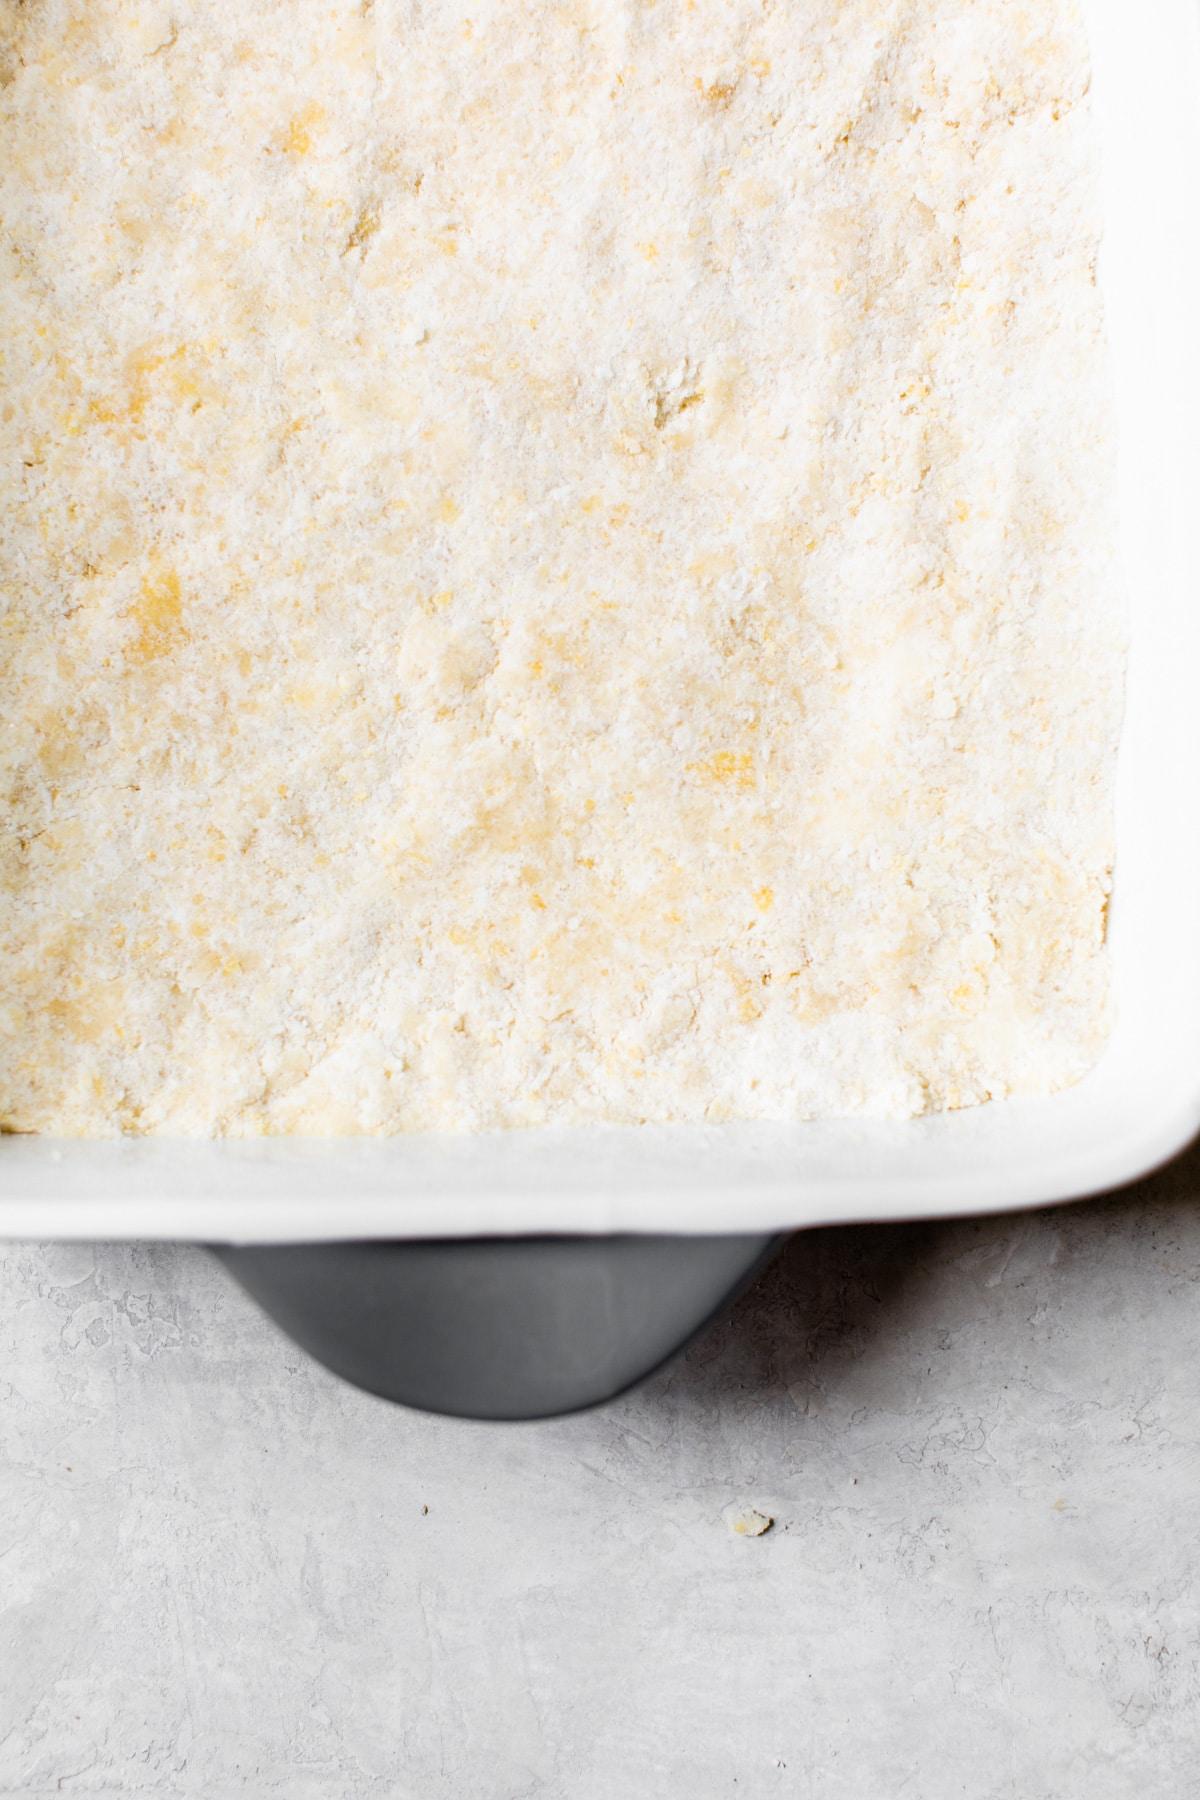 crumb bar base in a dish